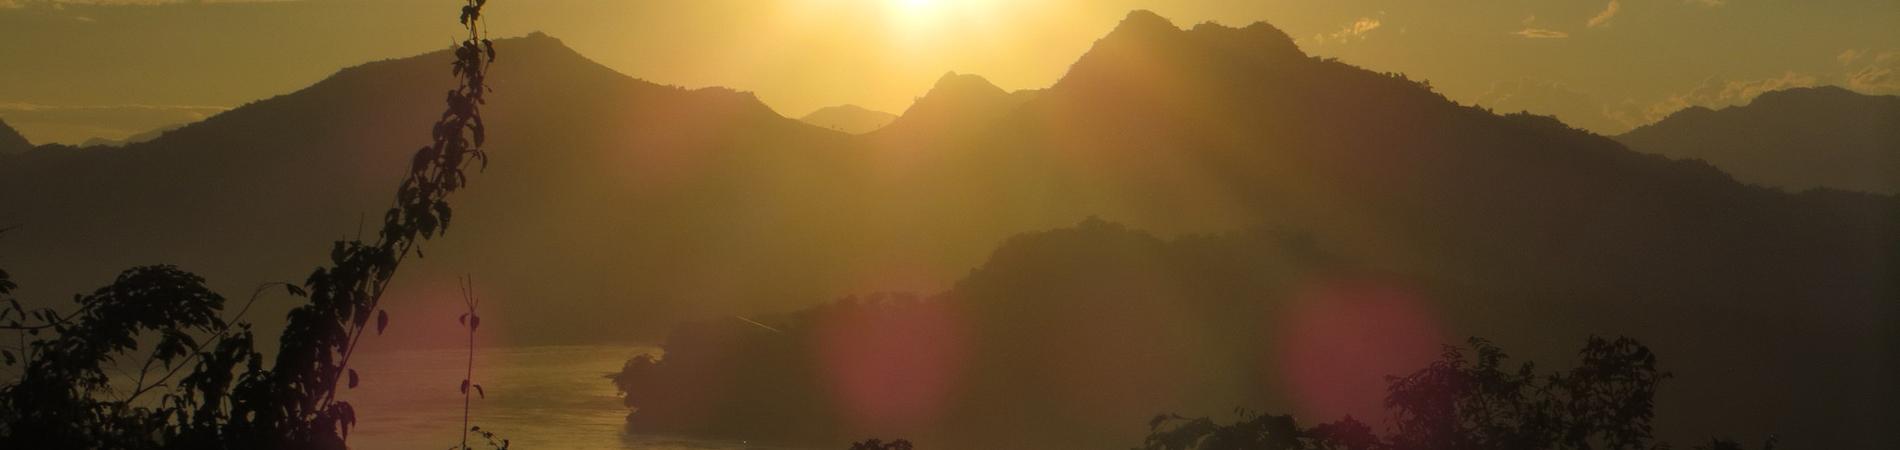 Marco LAO mekong sunset header